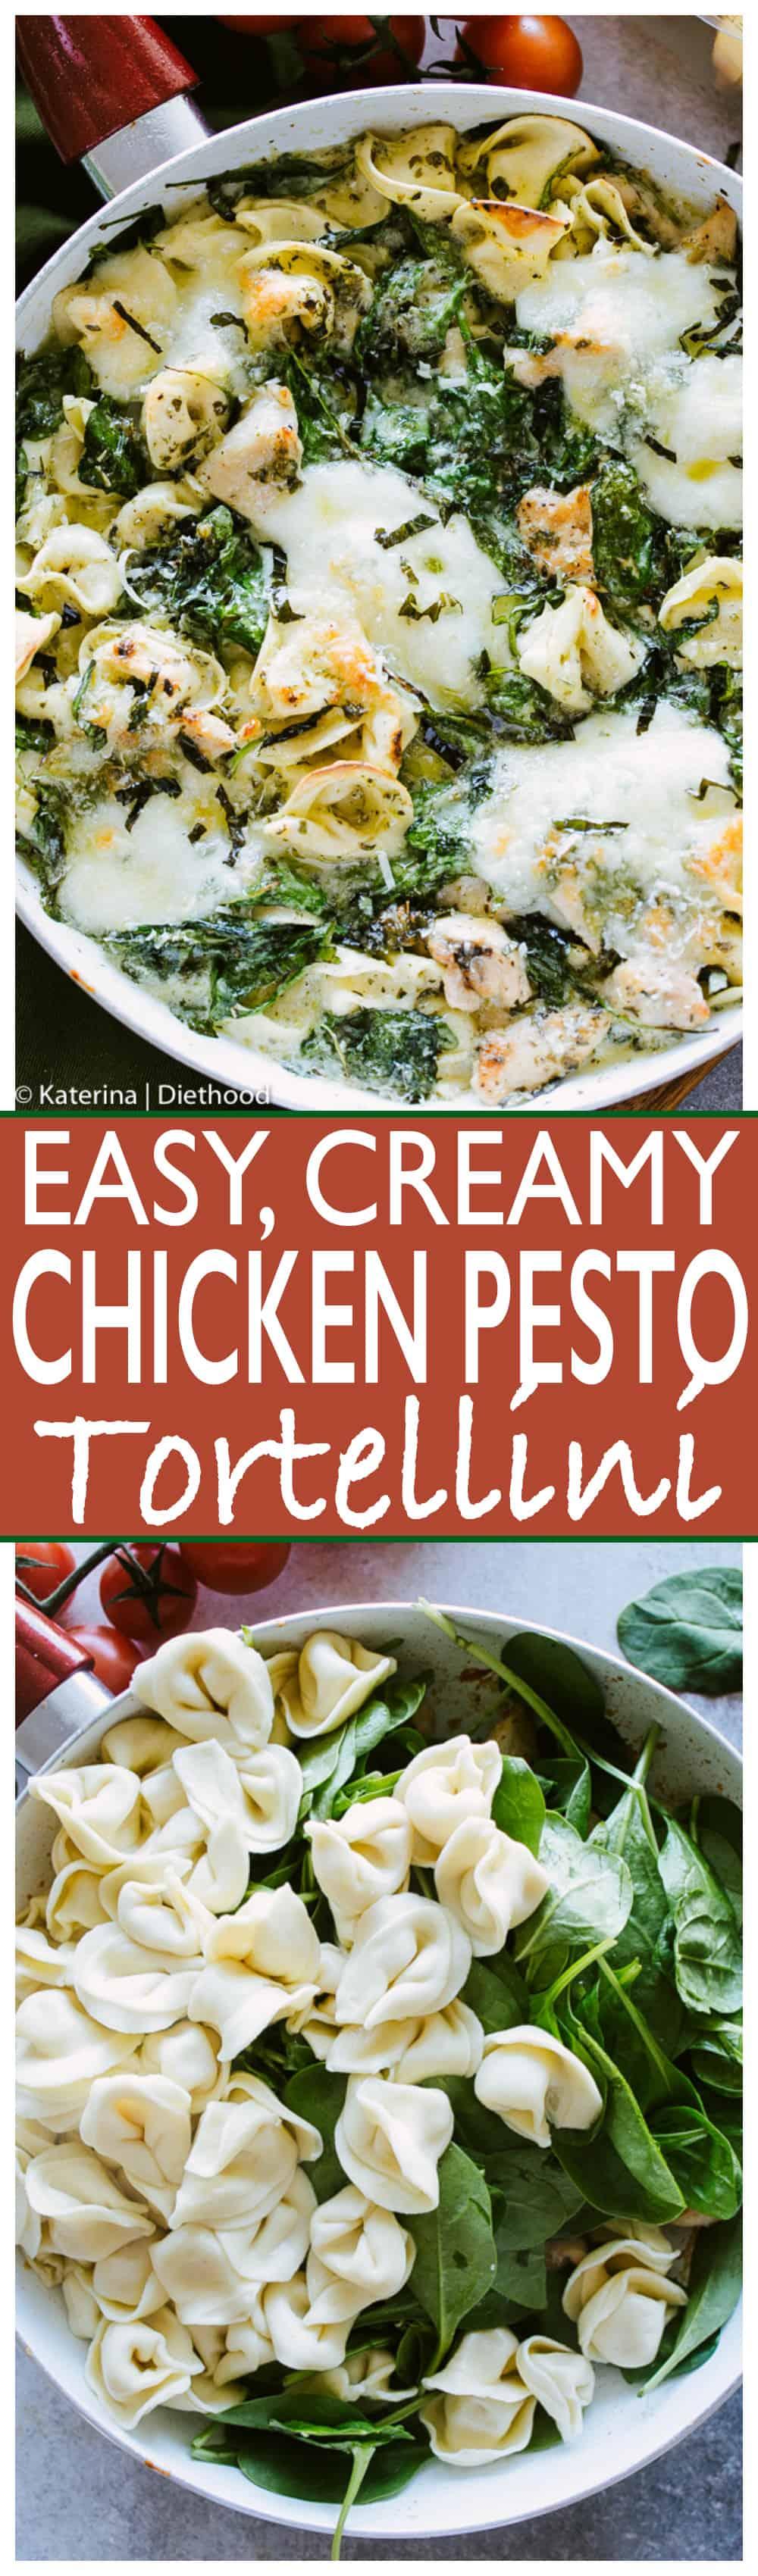 Easy Creamy Chicken Pesto Tortellini - Delicious, super easy #dinner with creamy, cheesy tortellini, basil #pesto, #chicken and #spinach.